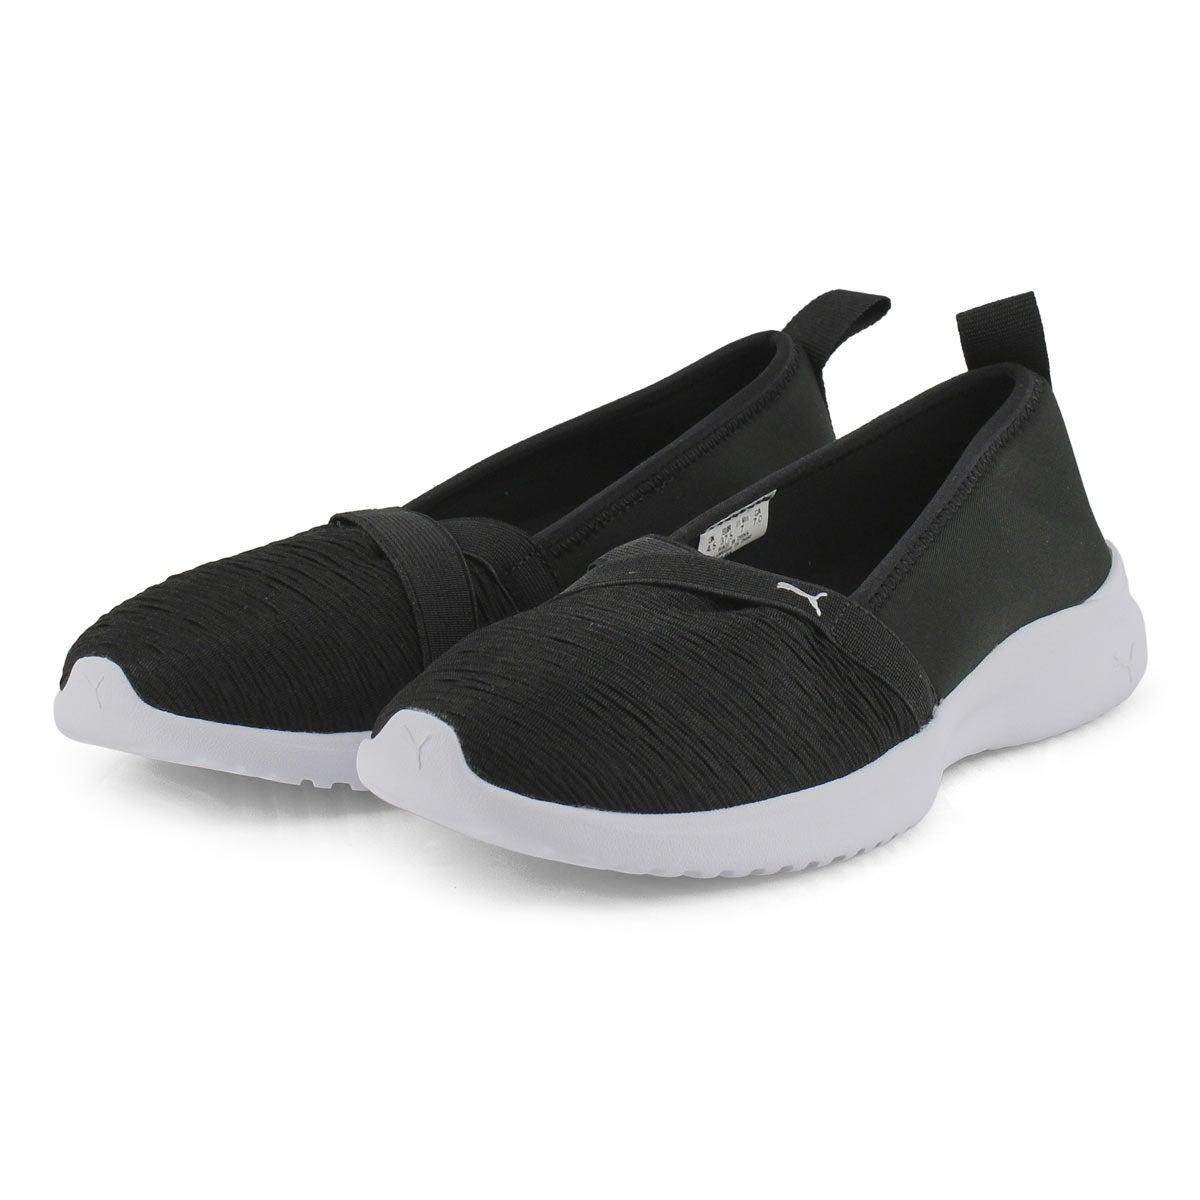 Lds Adelina black/silver slip on